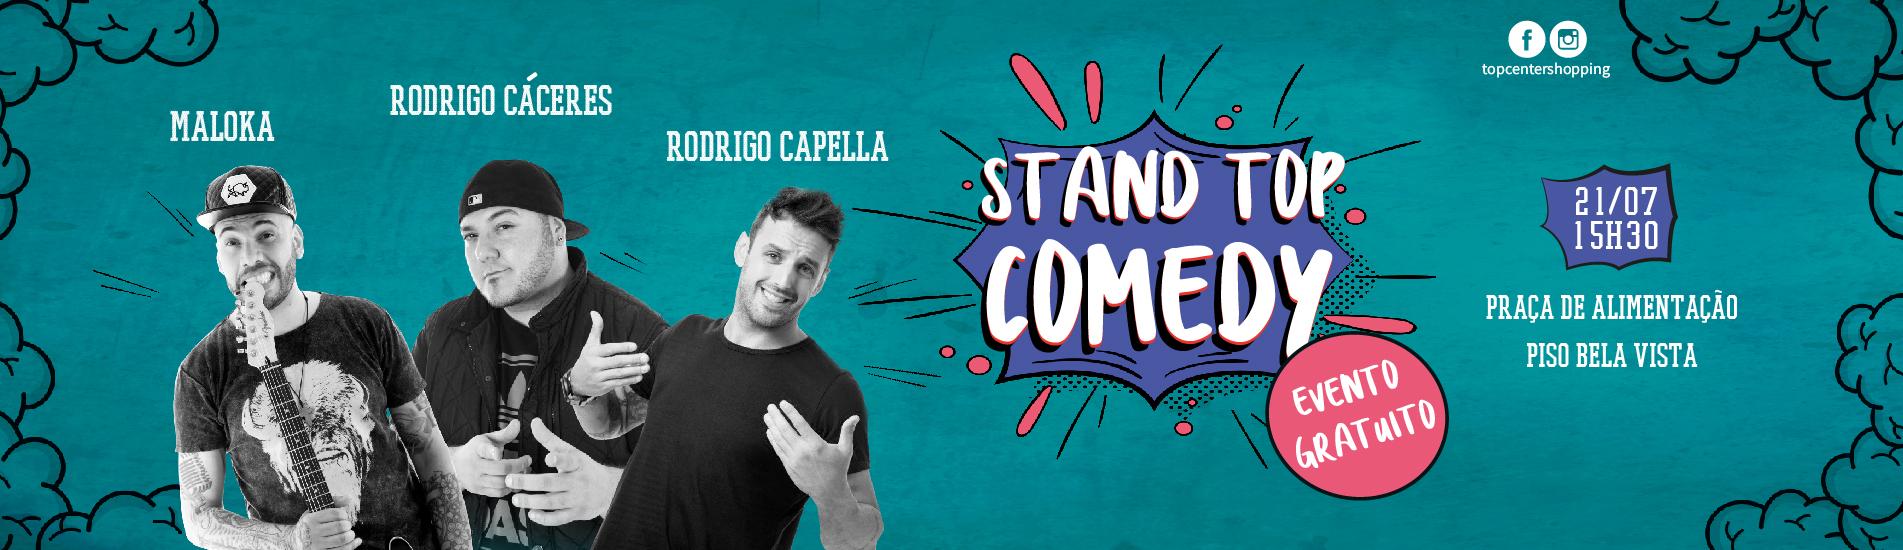 Apresentação - Stand Up